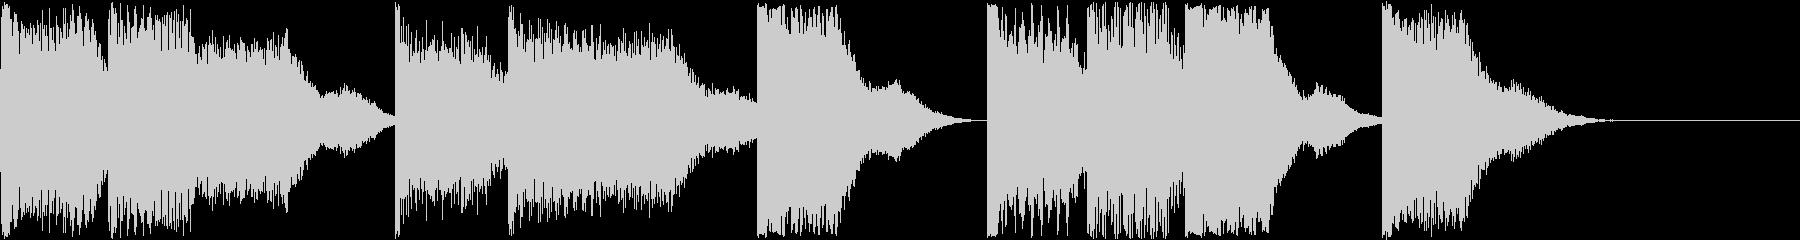 AI メカ/ロボ/マシン動作音 6の未再生の波形